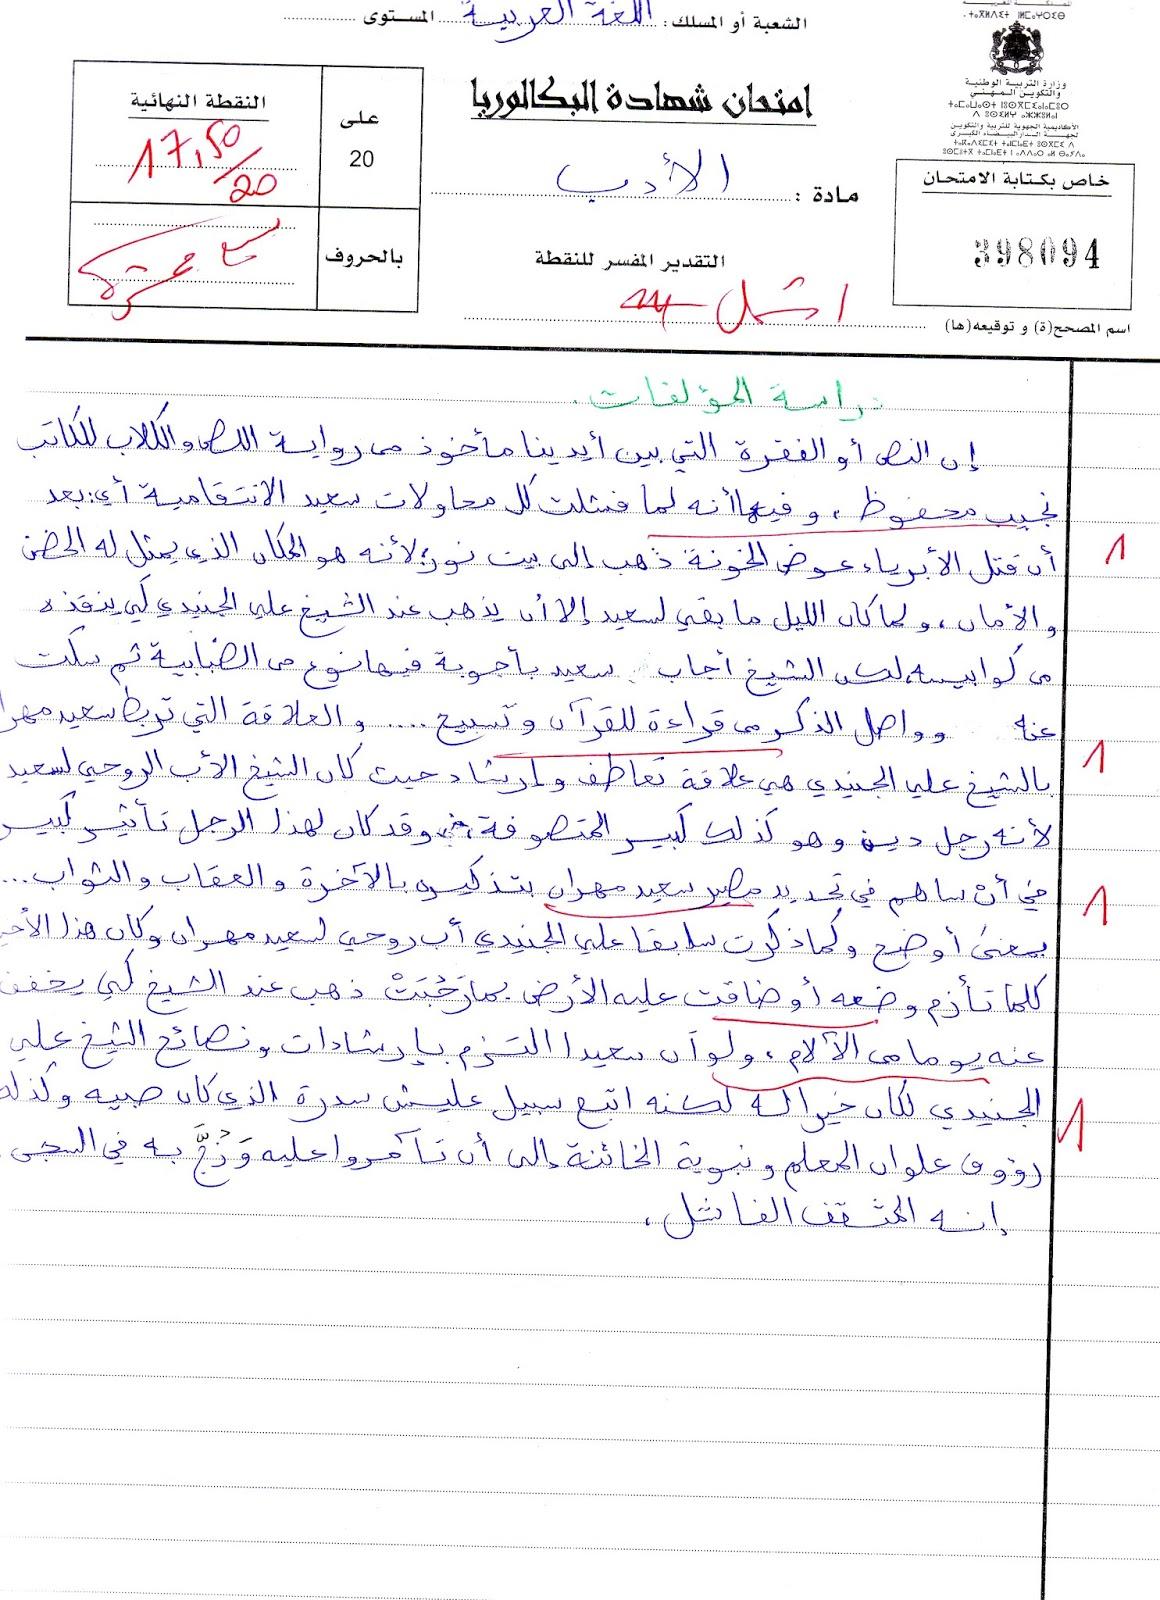 الإنجاز النموذجي (17.50/20)؛ الامتحان الوطني الموحد للباكالوريا، الأدب، مسلك اللغة العربية 2015